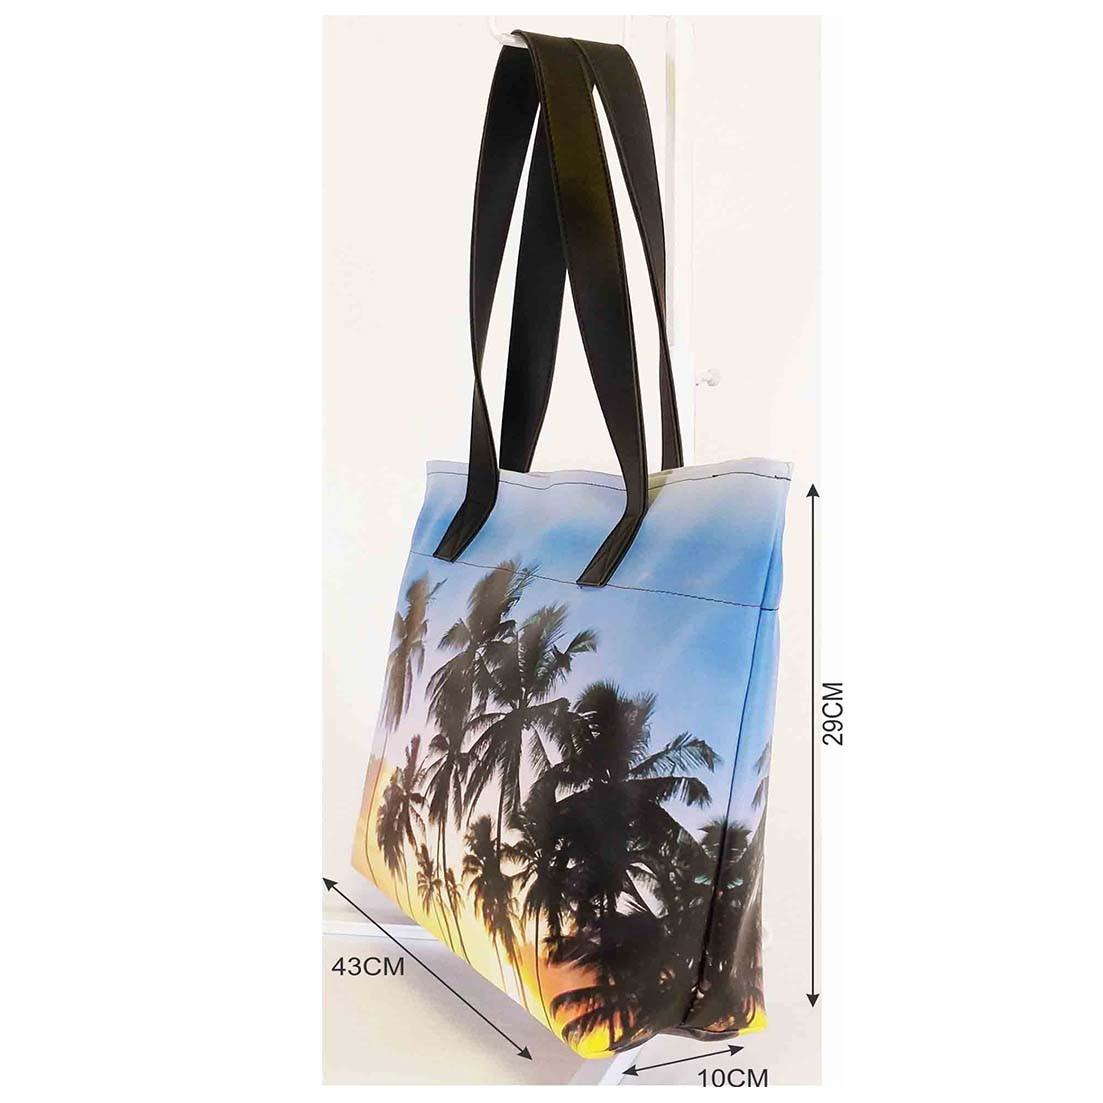 Kit Praia Feminino Coqueiros com Bolsa, Necessaire e Chinelo, Magicc